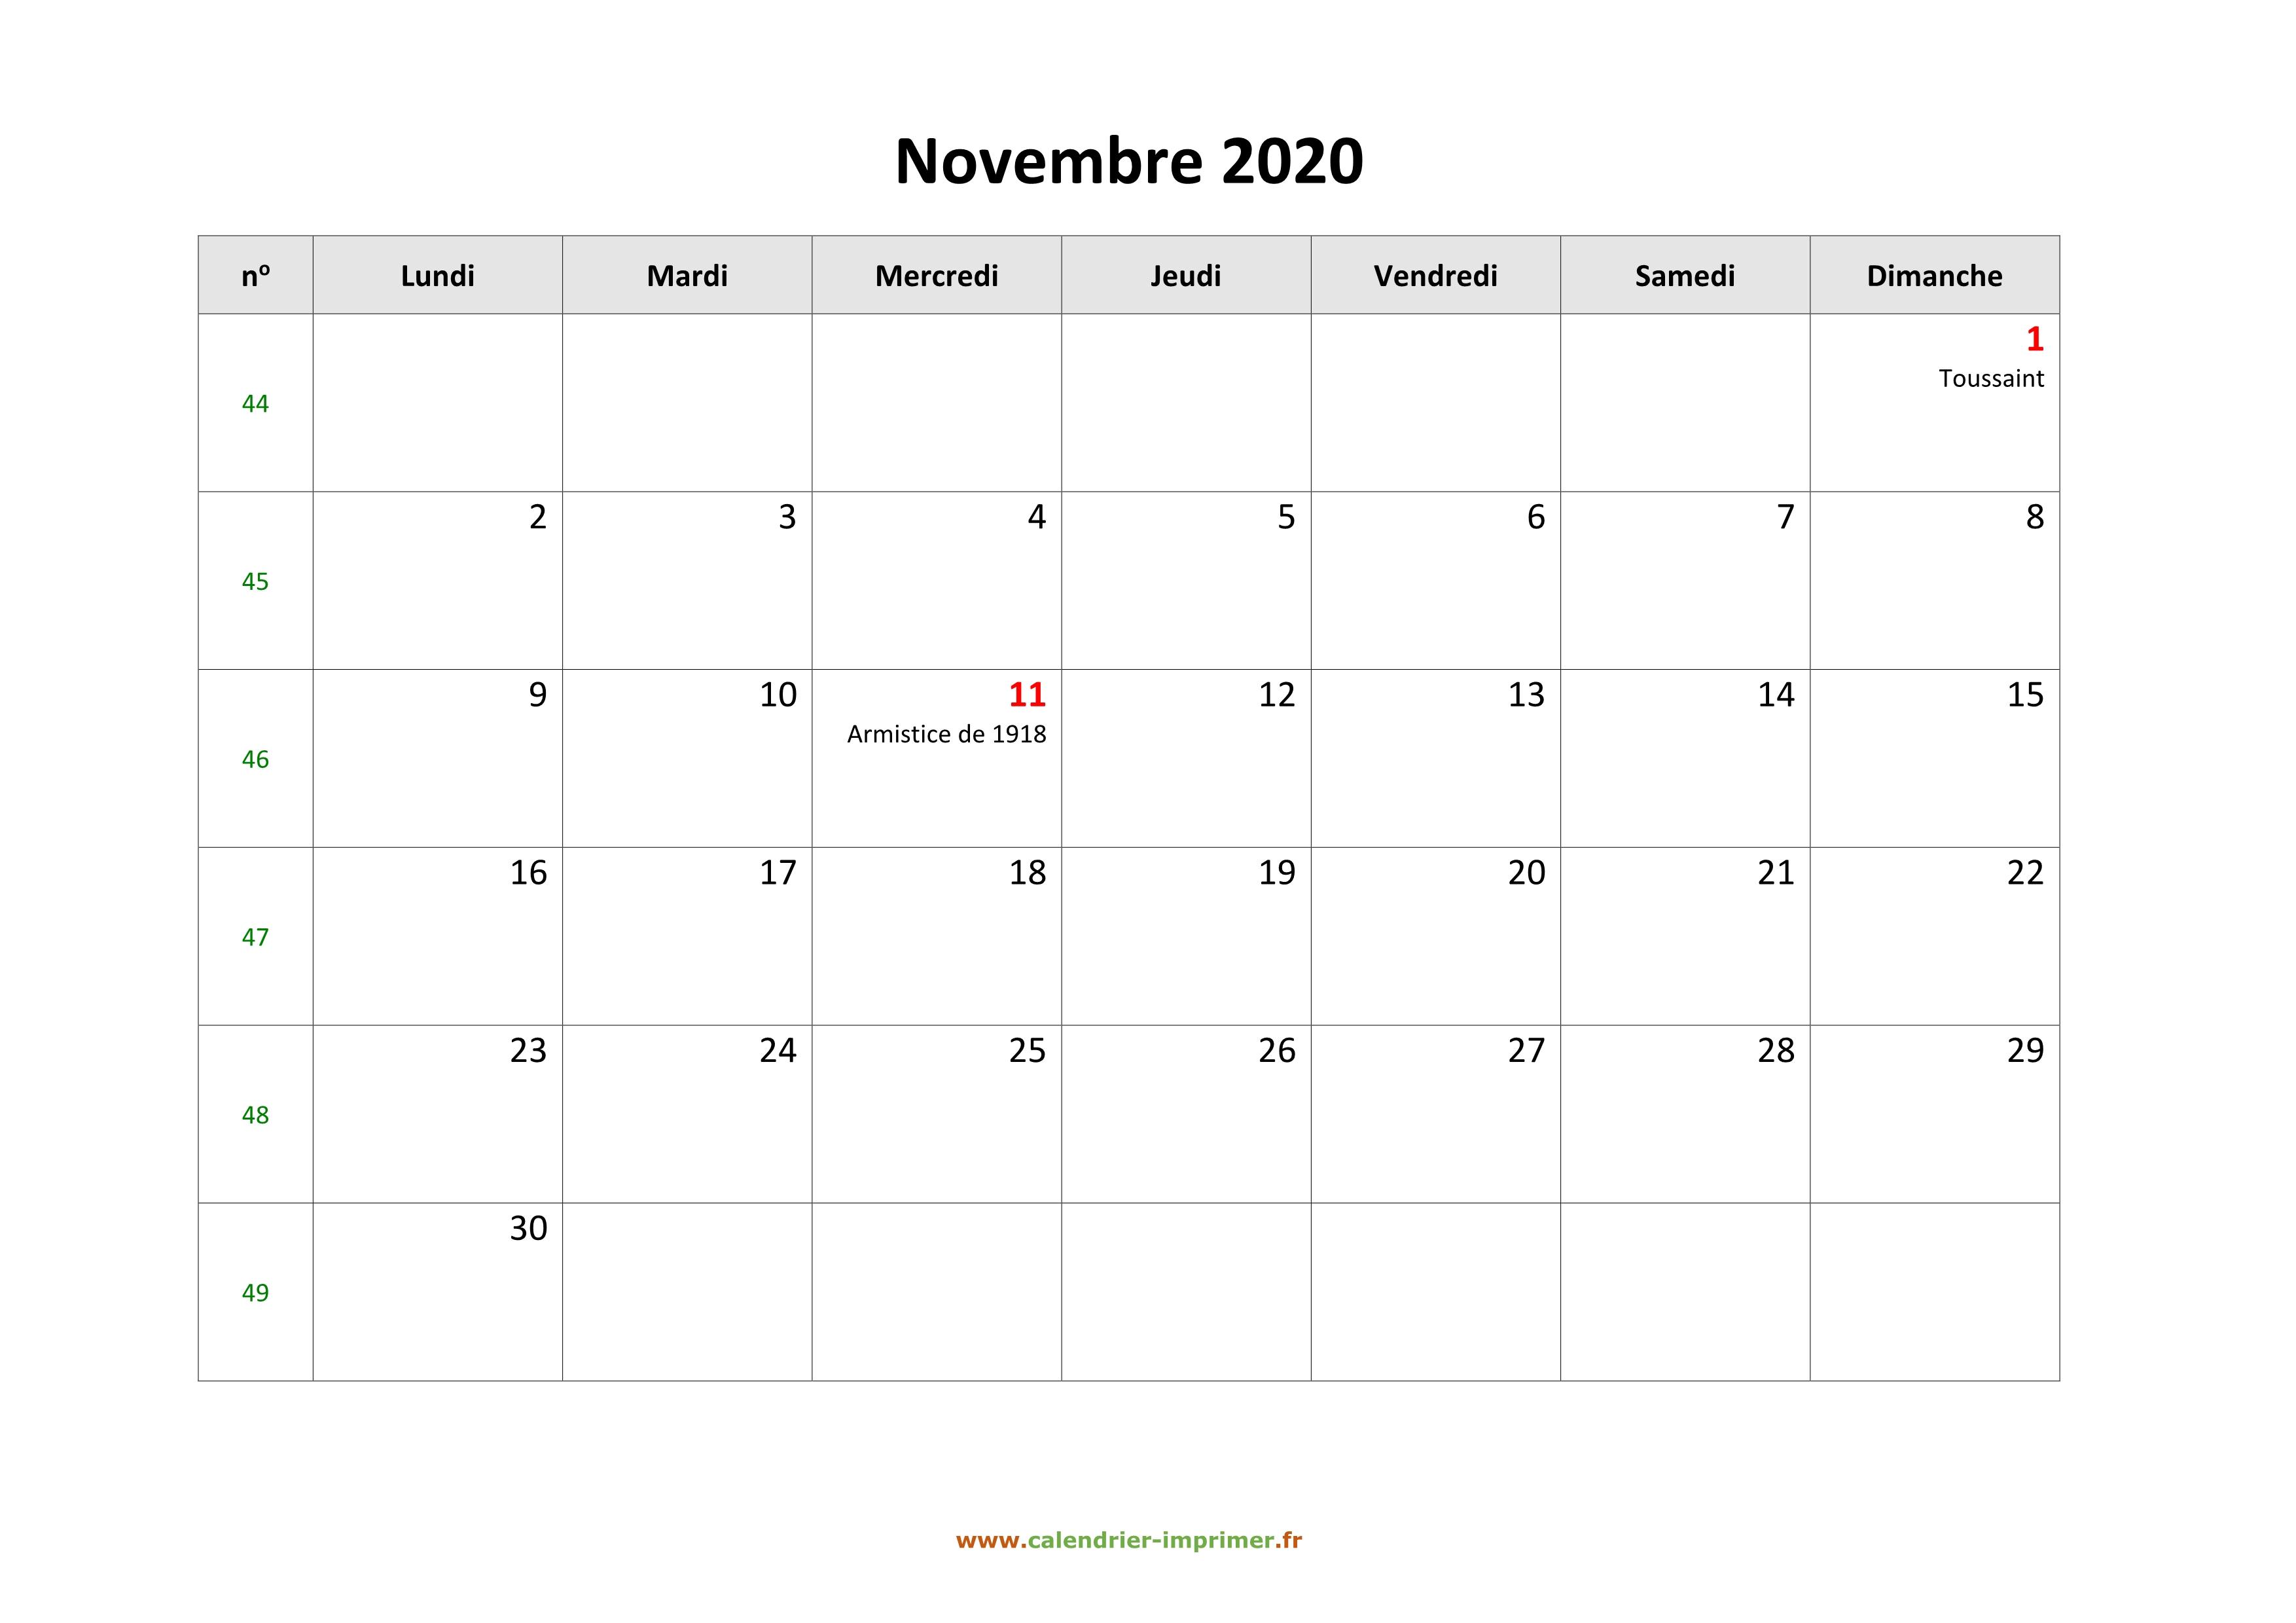 Calendrier A Imprimer Novembre 2020.Calendrier Novembre 2020 A Imprimer